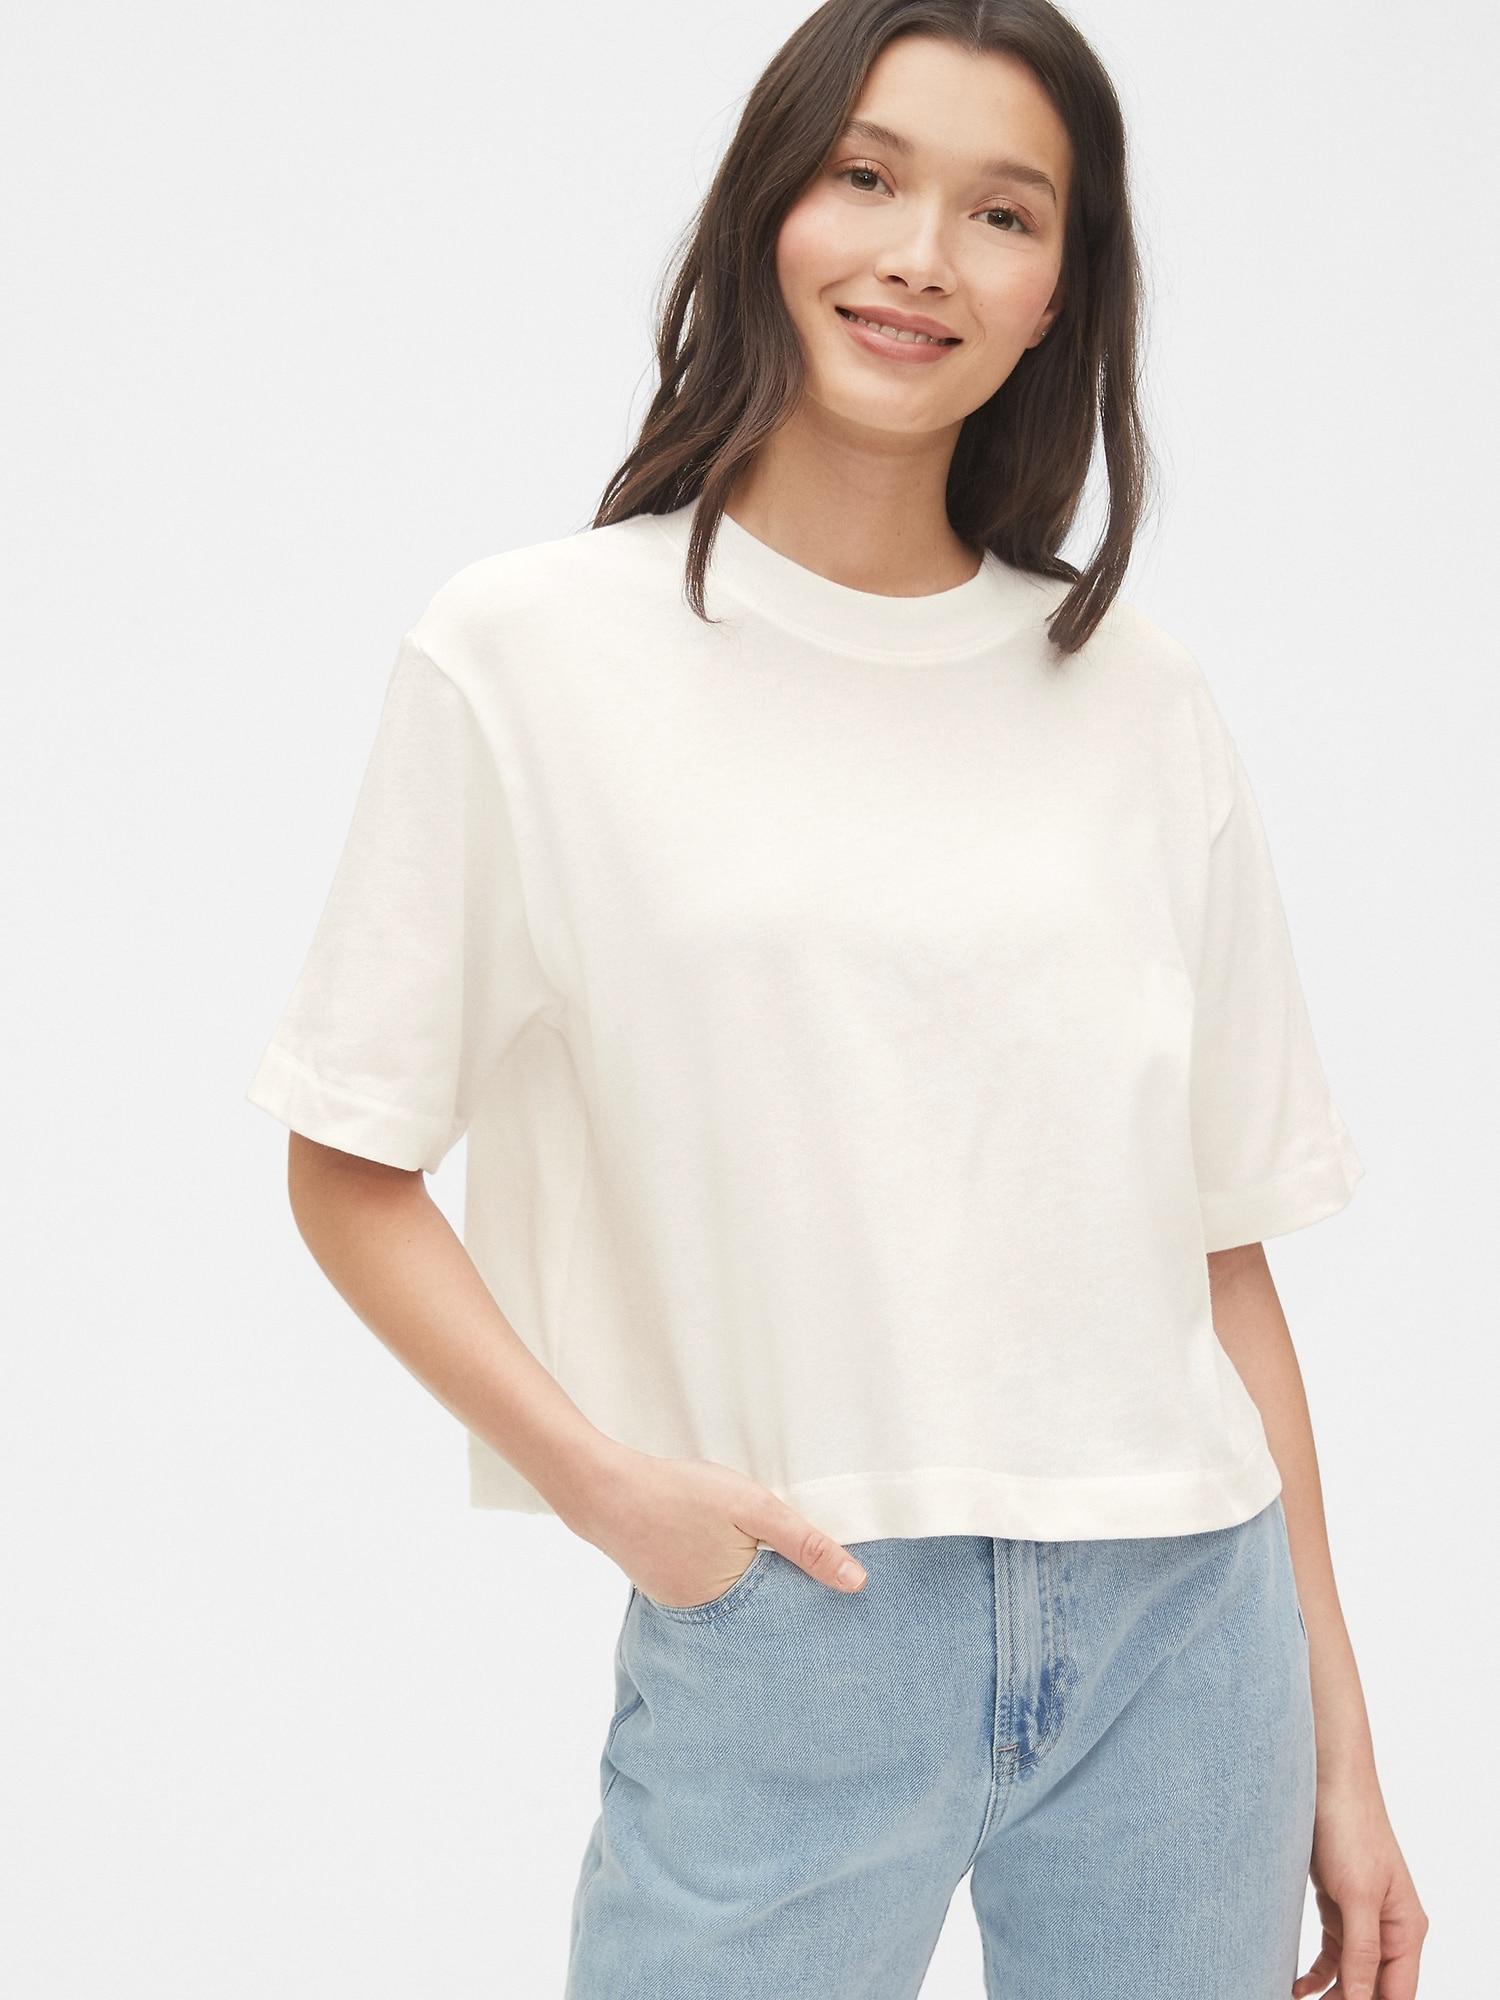 クロップドtシャツ